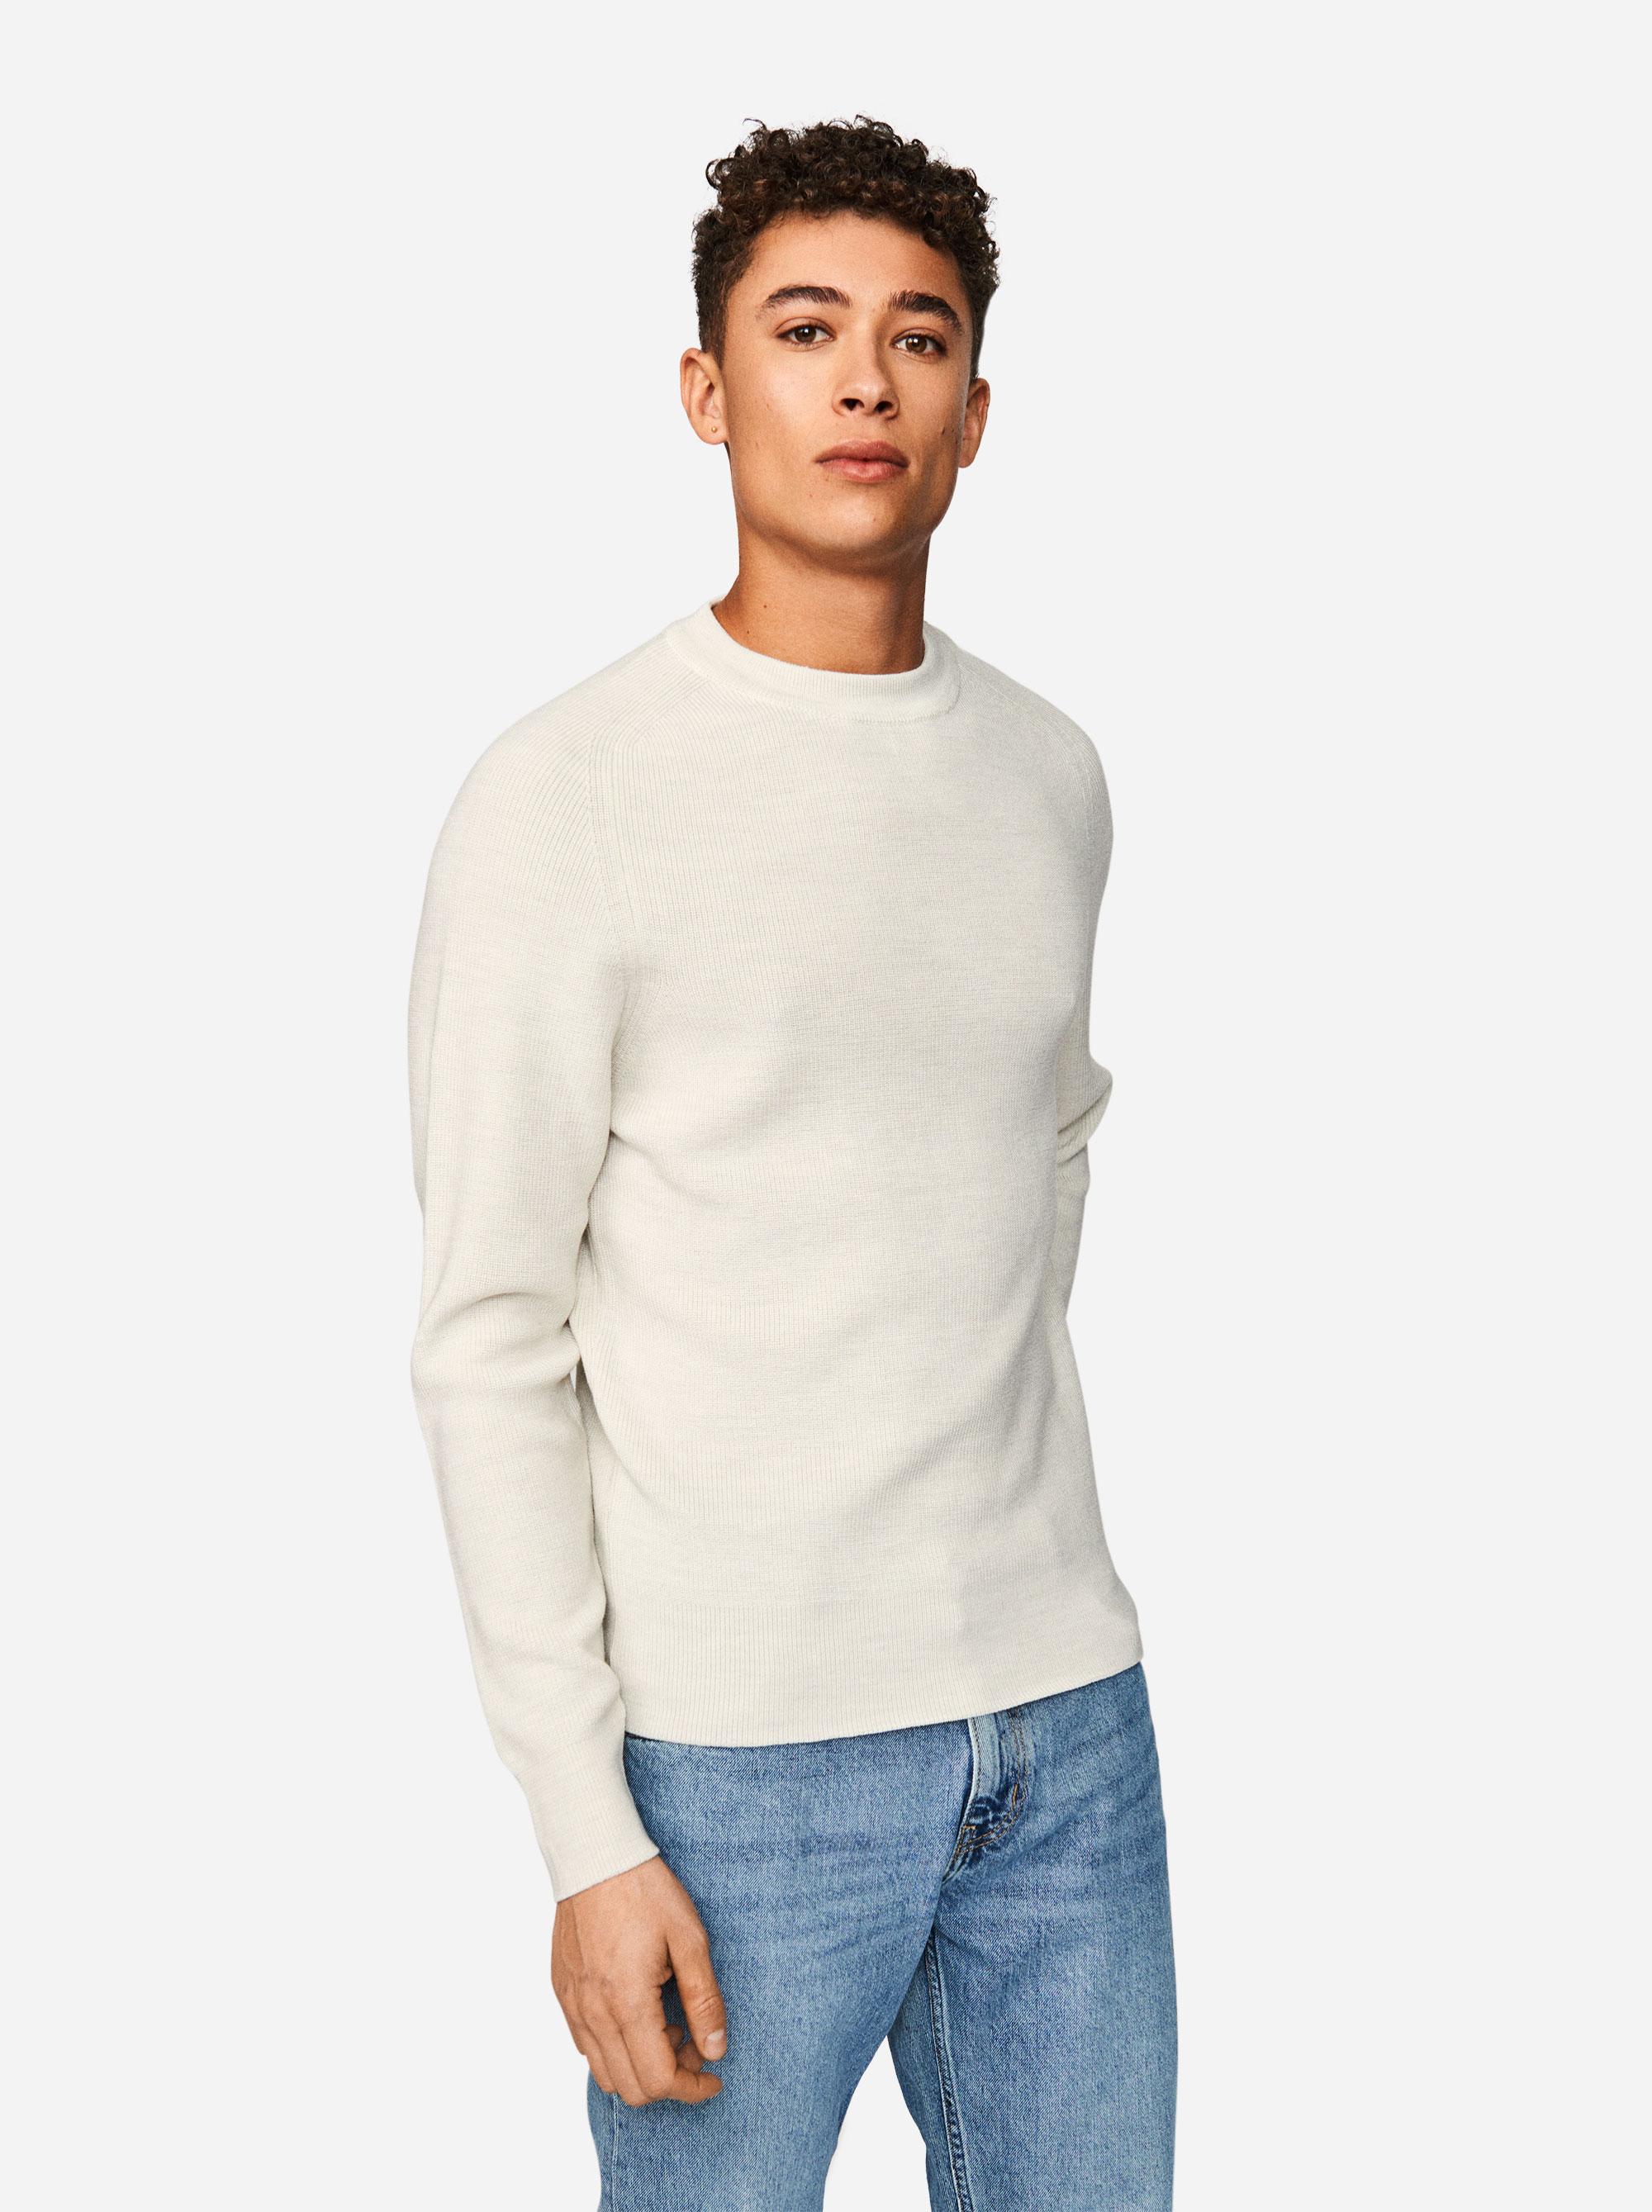 Teym - The Merino Sweater - Men - White - 1